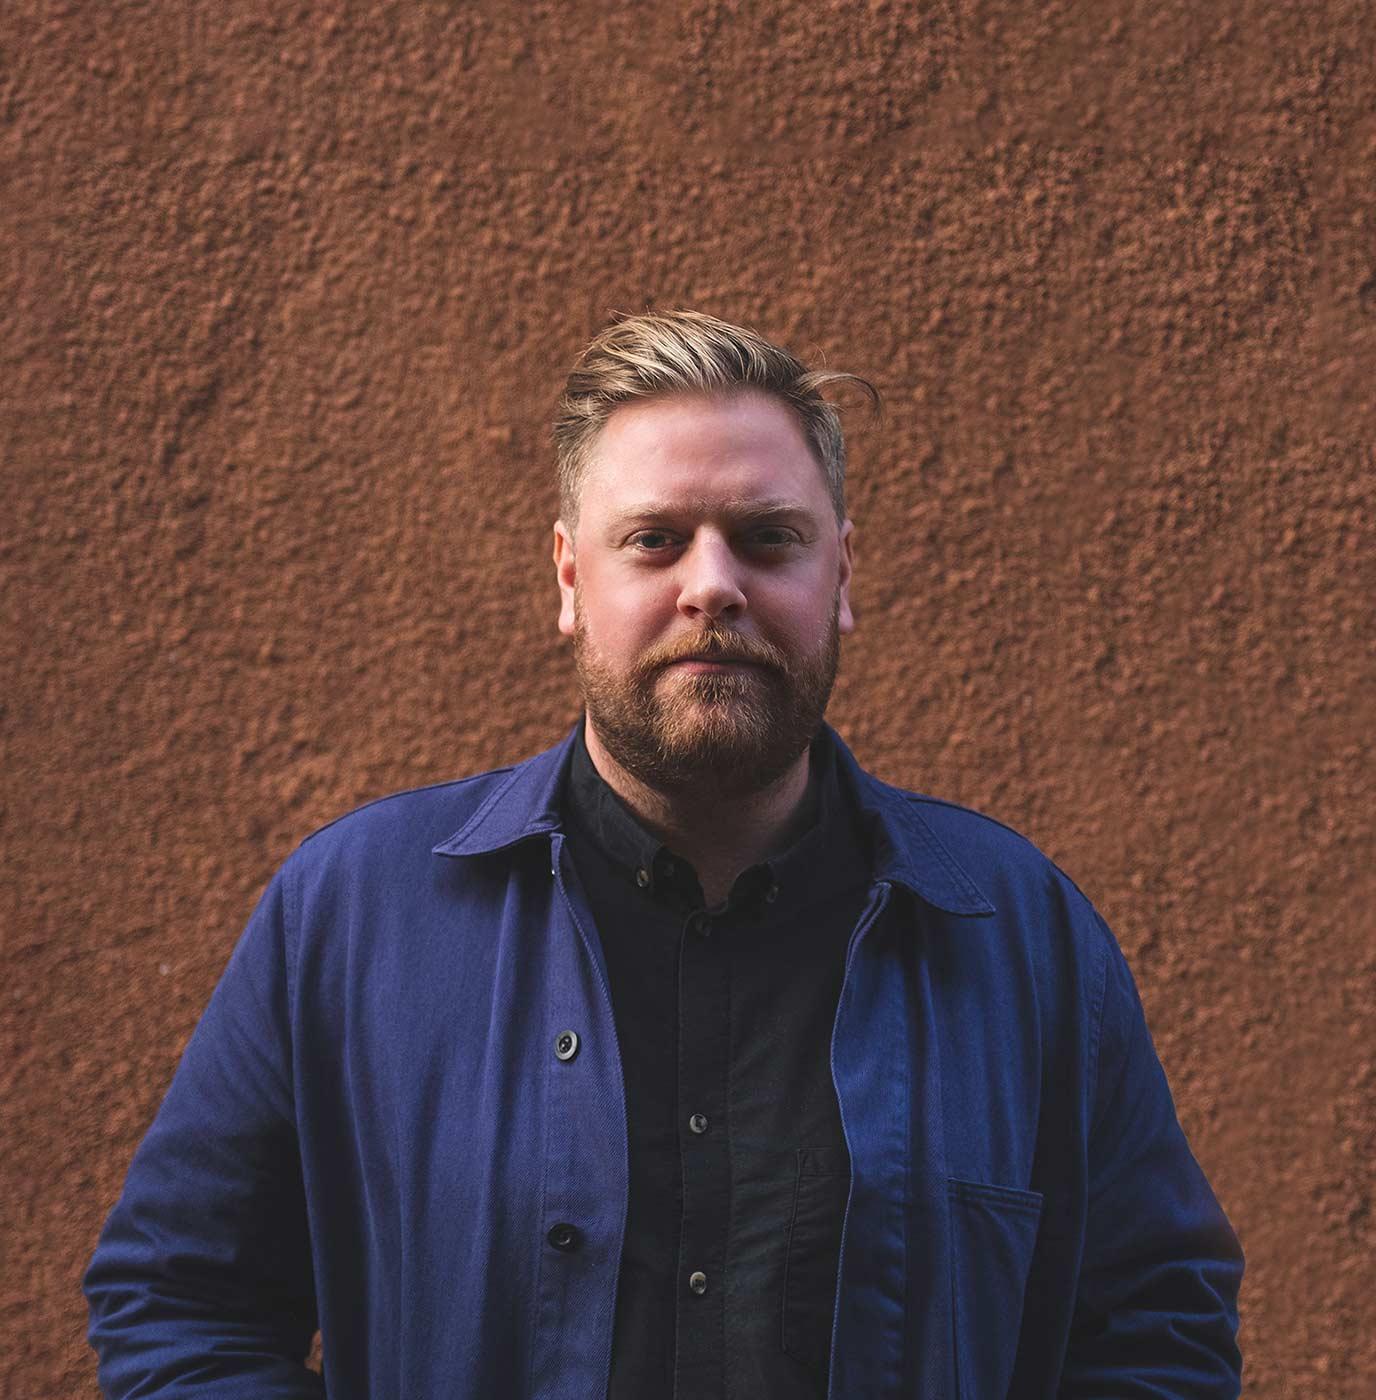 Portrait of Jesper Bryngelsson